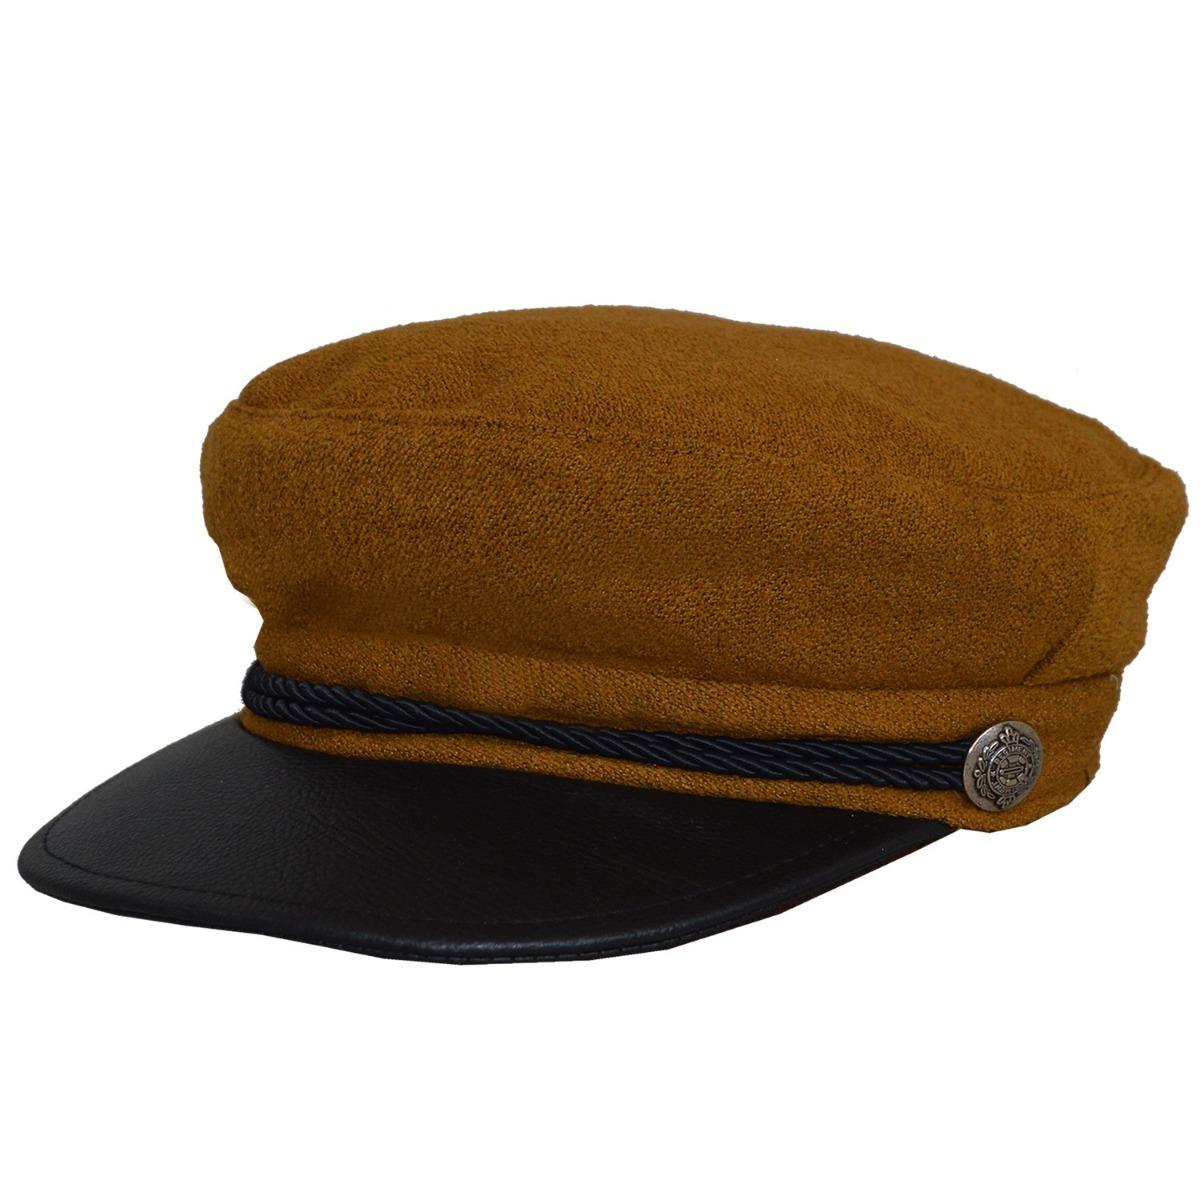 c6cfe18dcbc42 gorra capitan paño clasica compañia de sombrero h711521g. Cargando zoom.